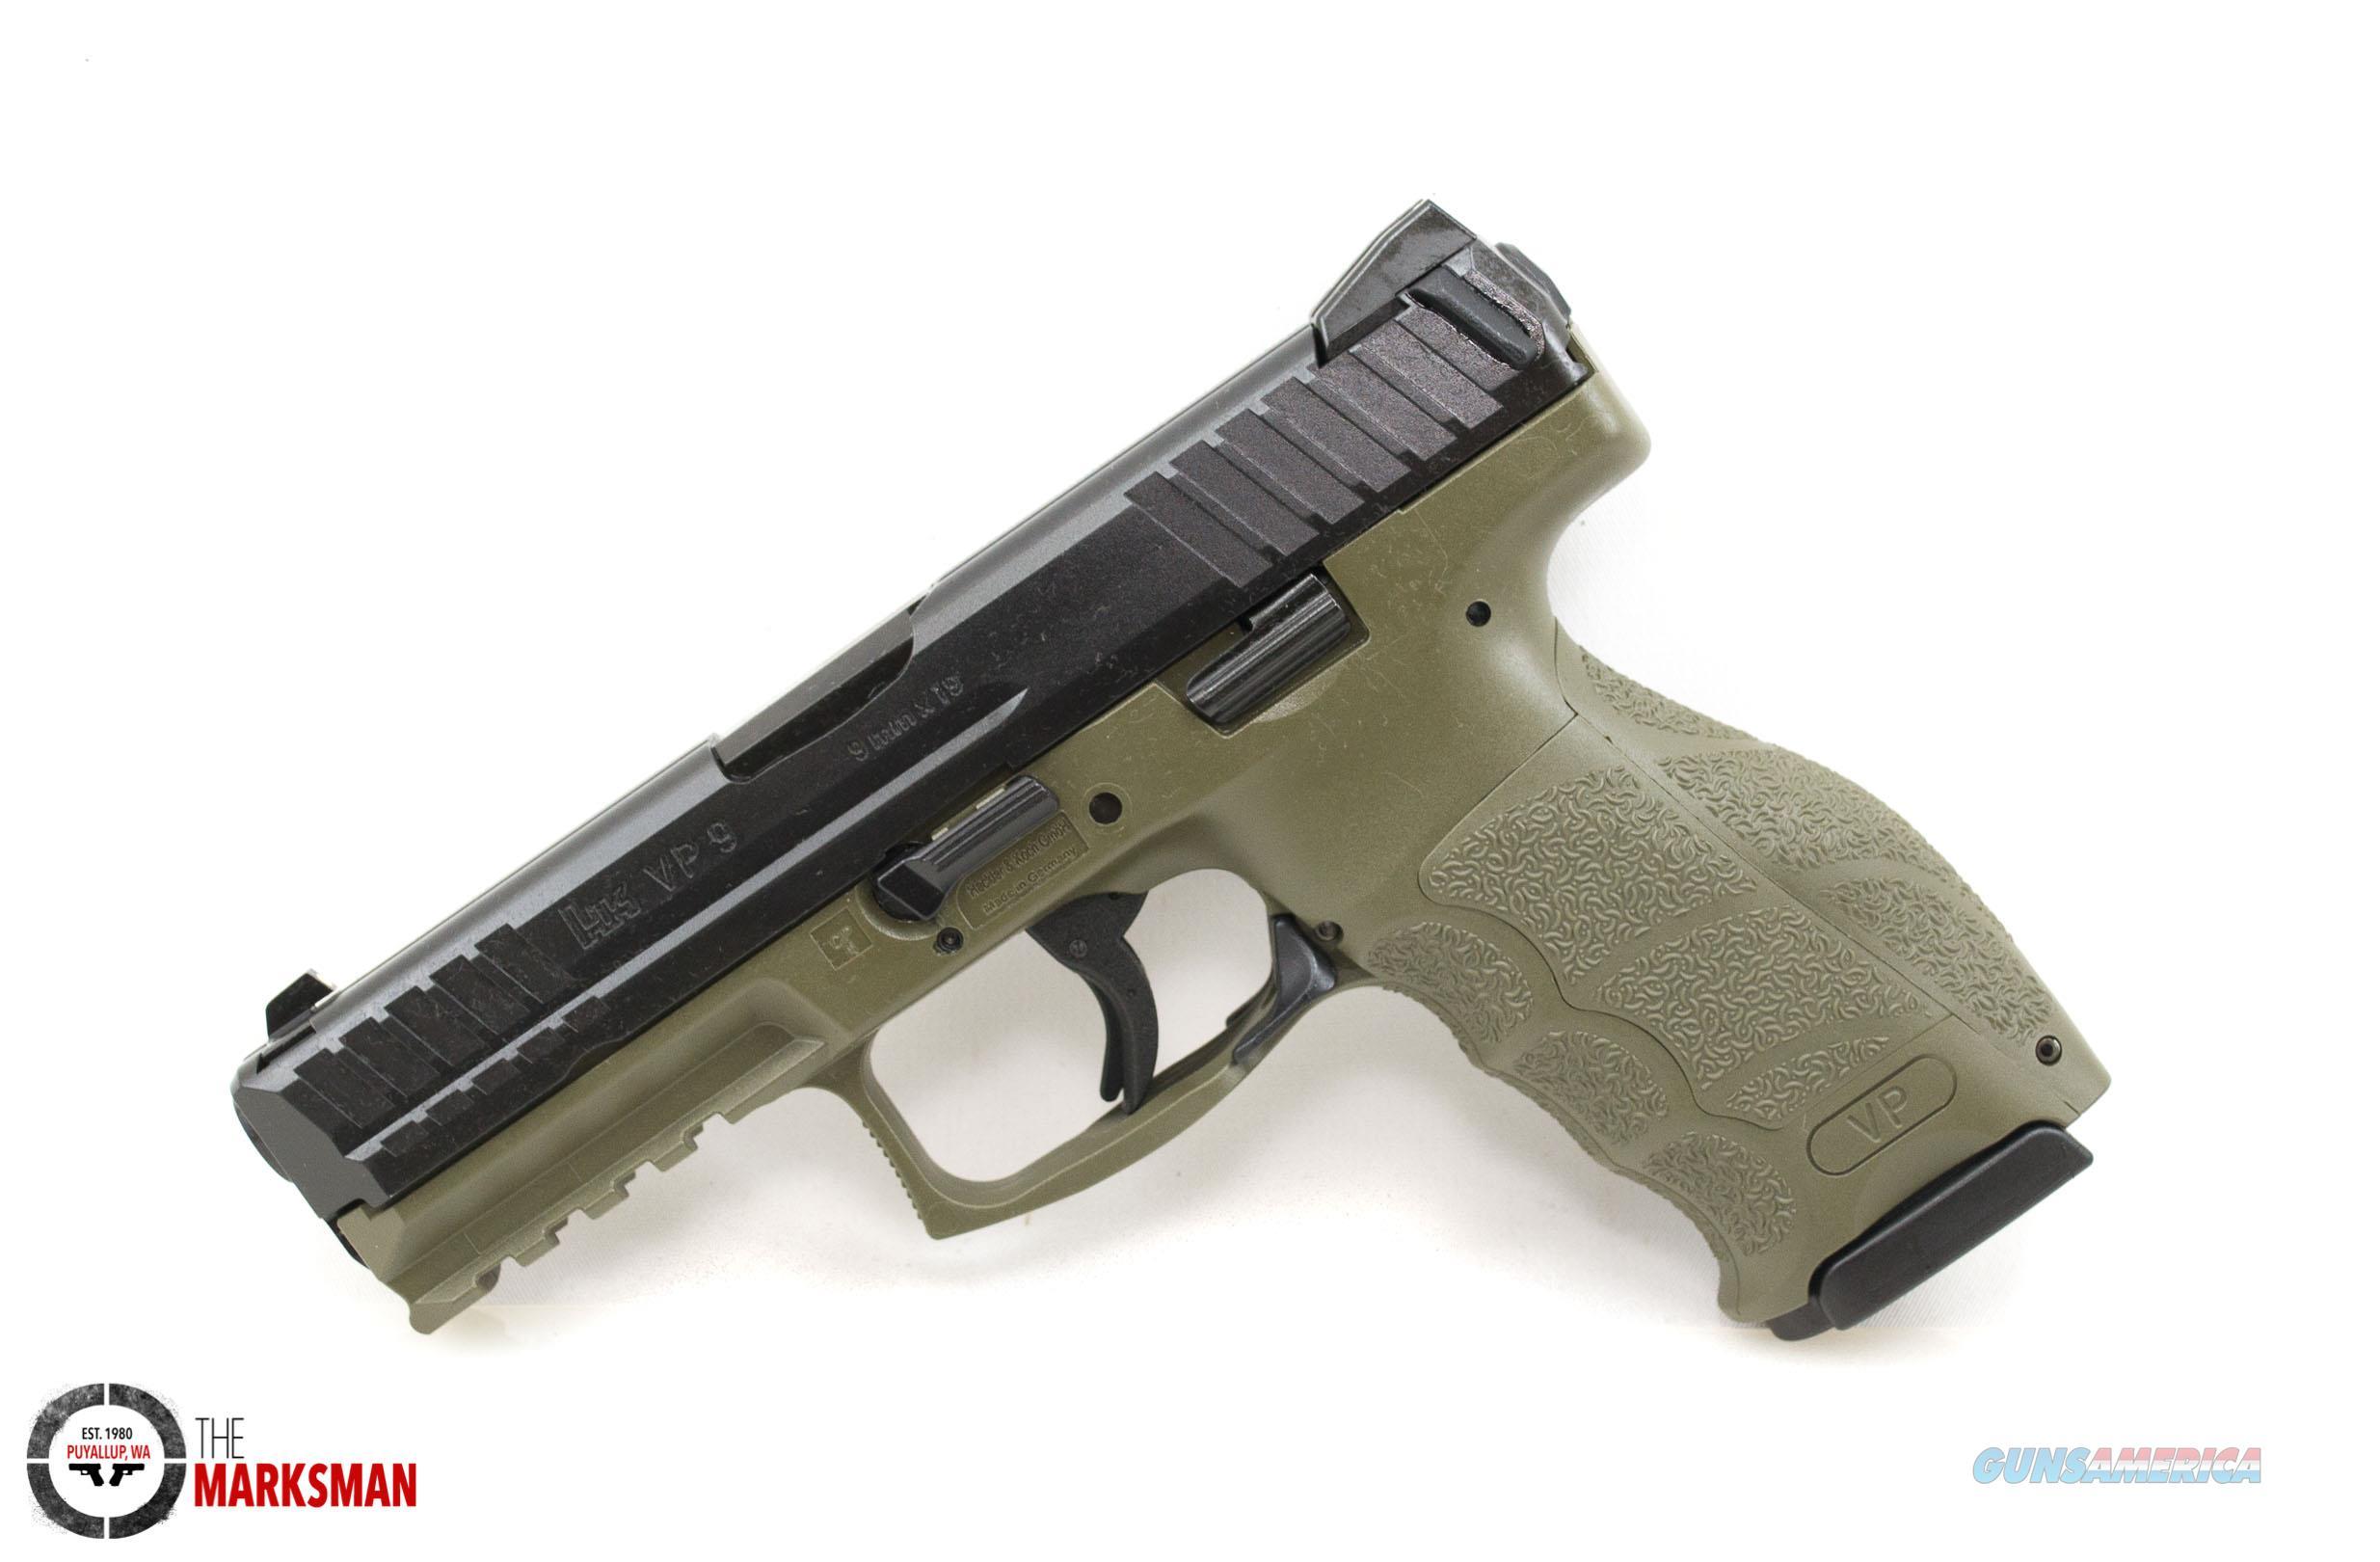 Heckler and Koch VP9, 9mm, O.D. Green NEW M700009GR-A5  Guns > Pistols > Heckler & Koch Pistols > Polymer Frame